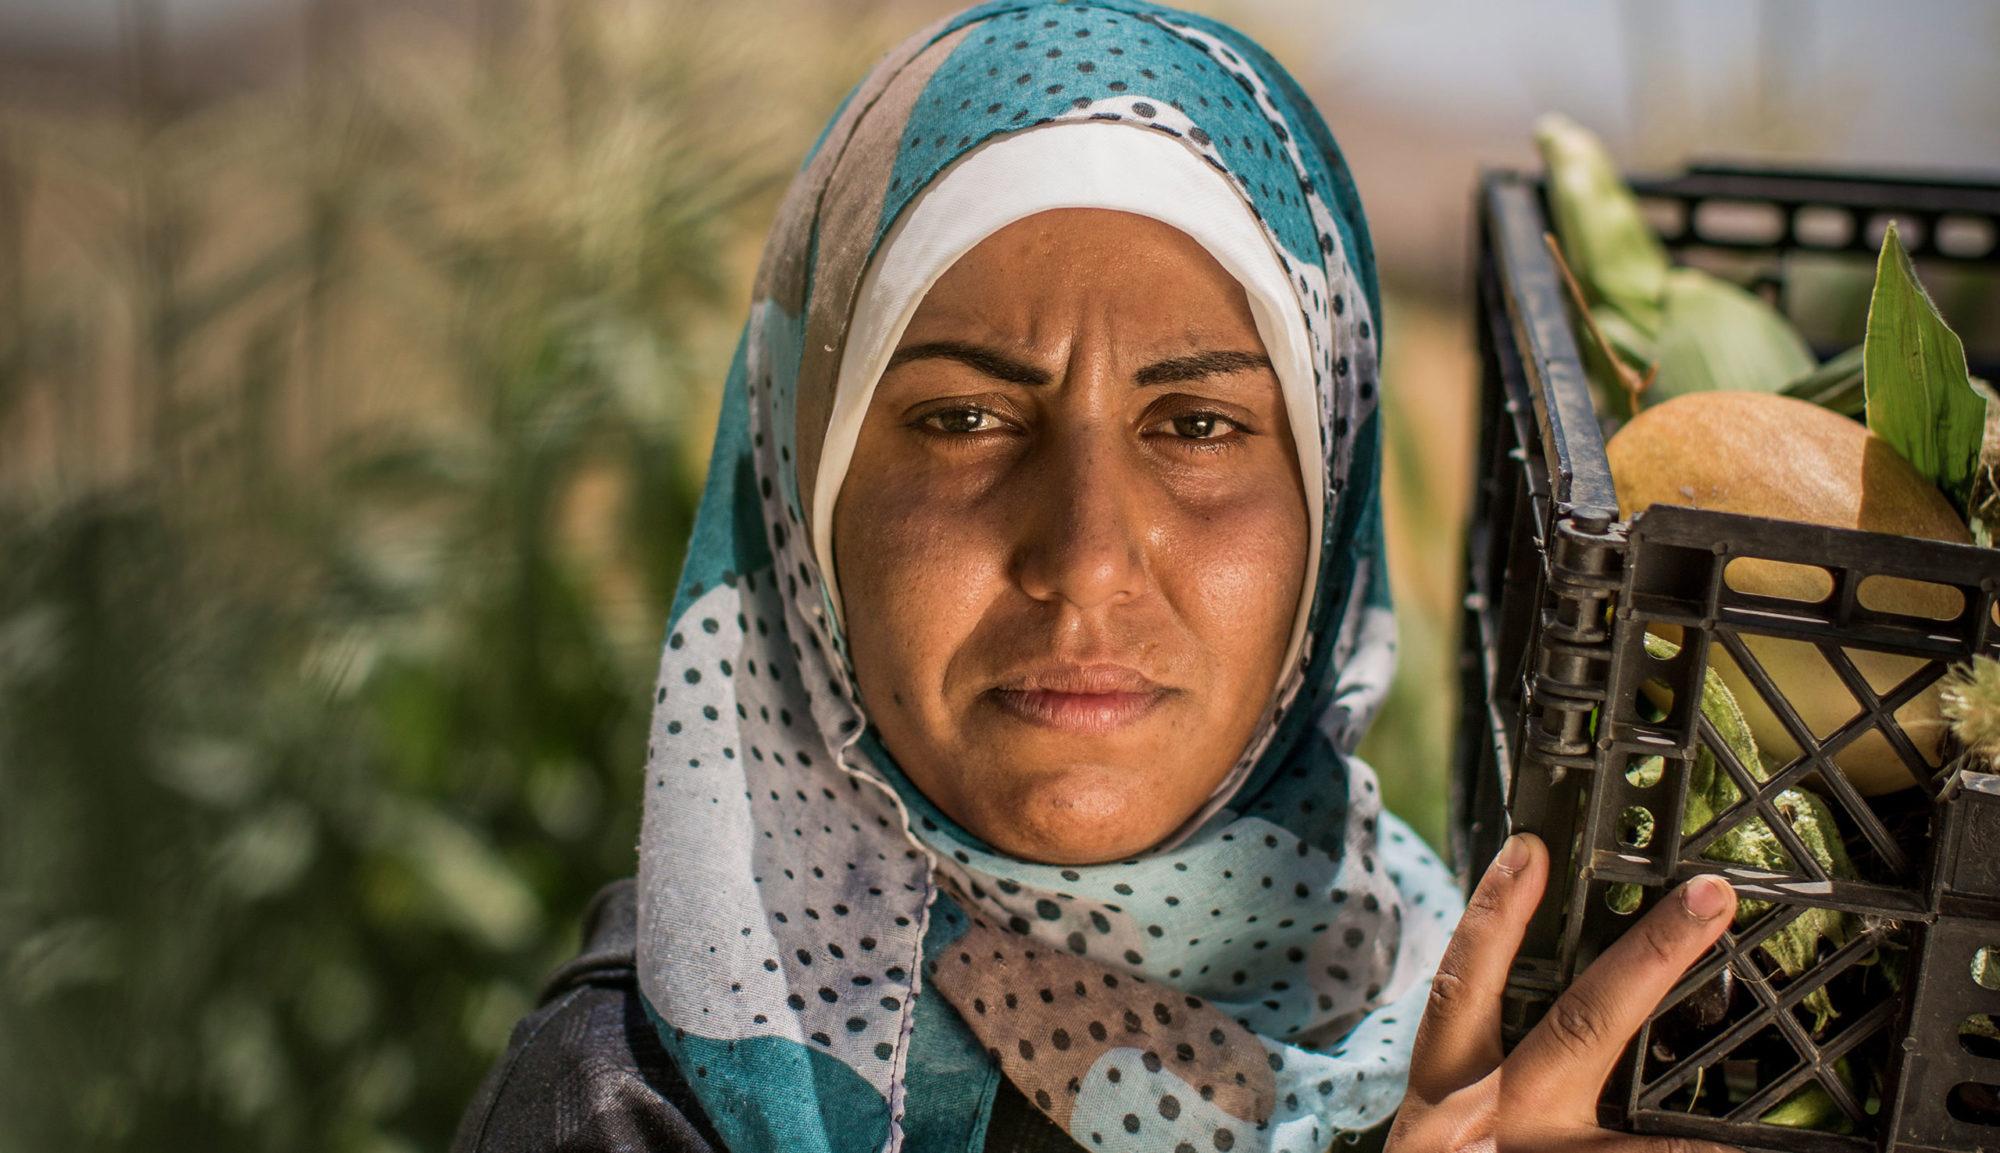 Närbild på en palestinsk kvinna som med allvarlig blick tittar in i kameran. På axeln bär hon en grönsaker.